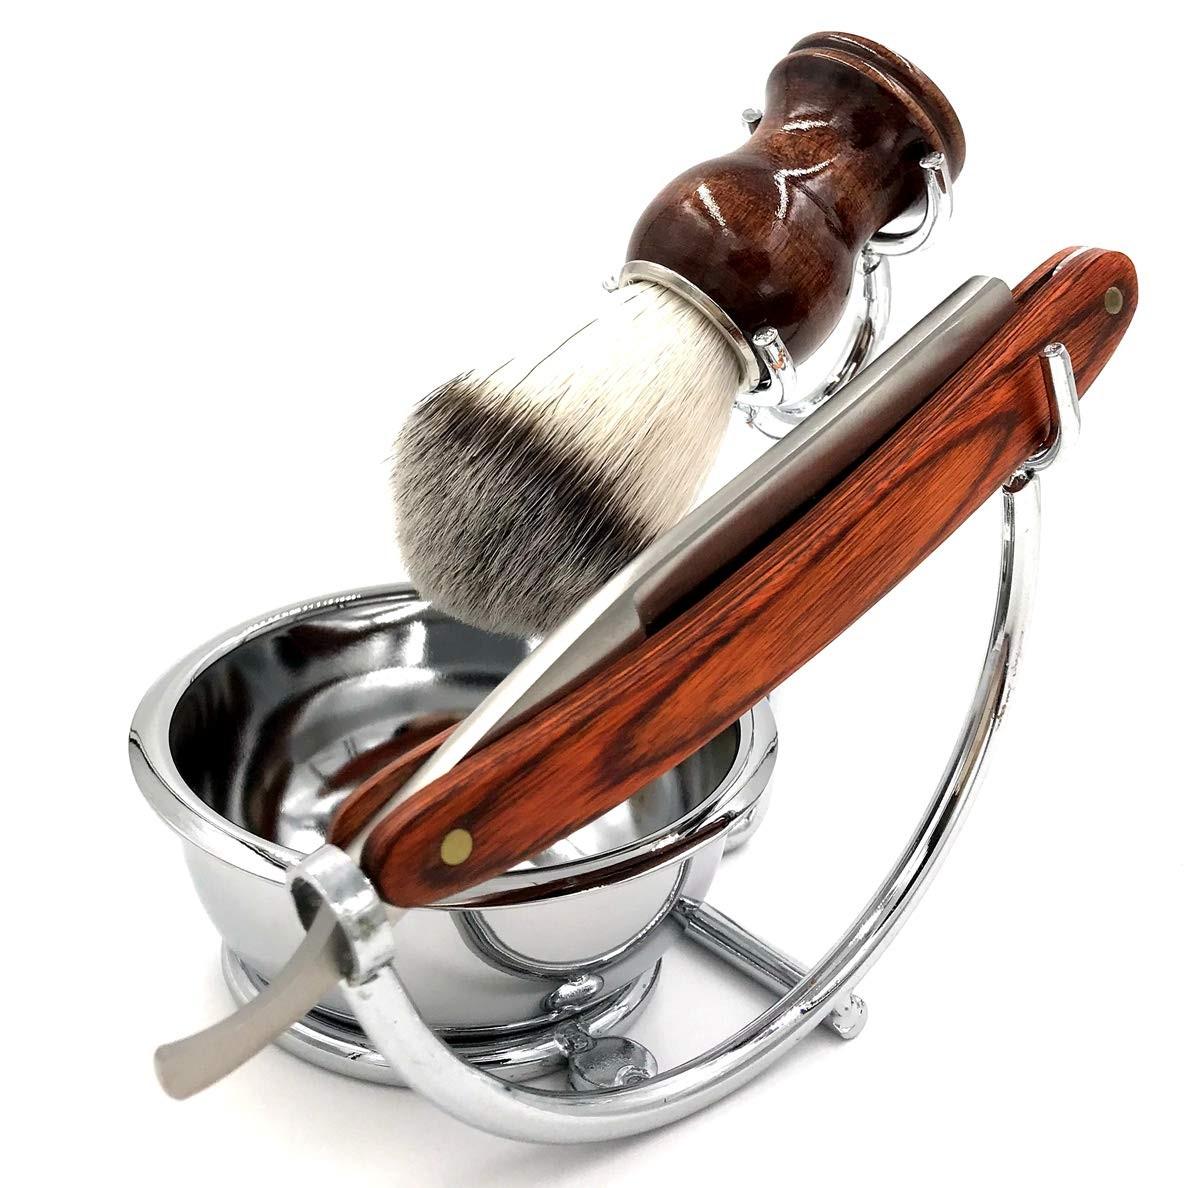 Grooming Shaving Set for Men, Strong Brush Stand + Straight Razor + Shaving Brush + Perfect Stainles